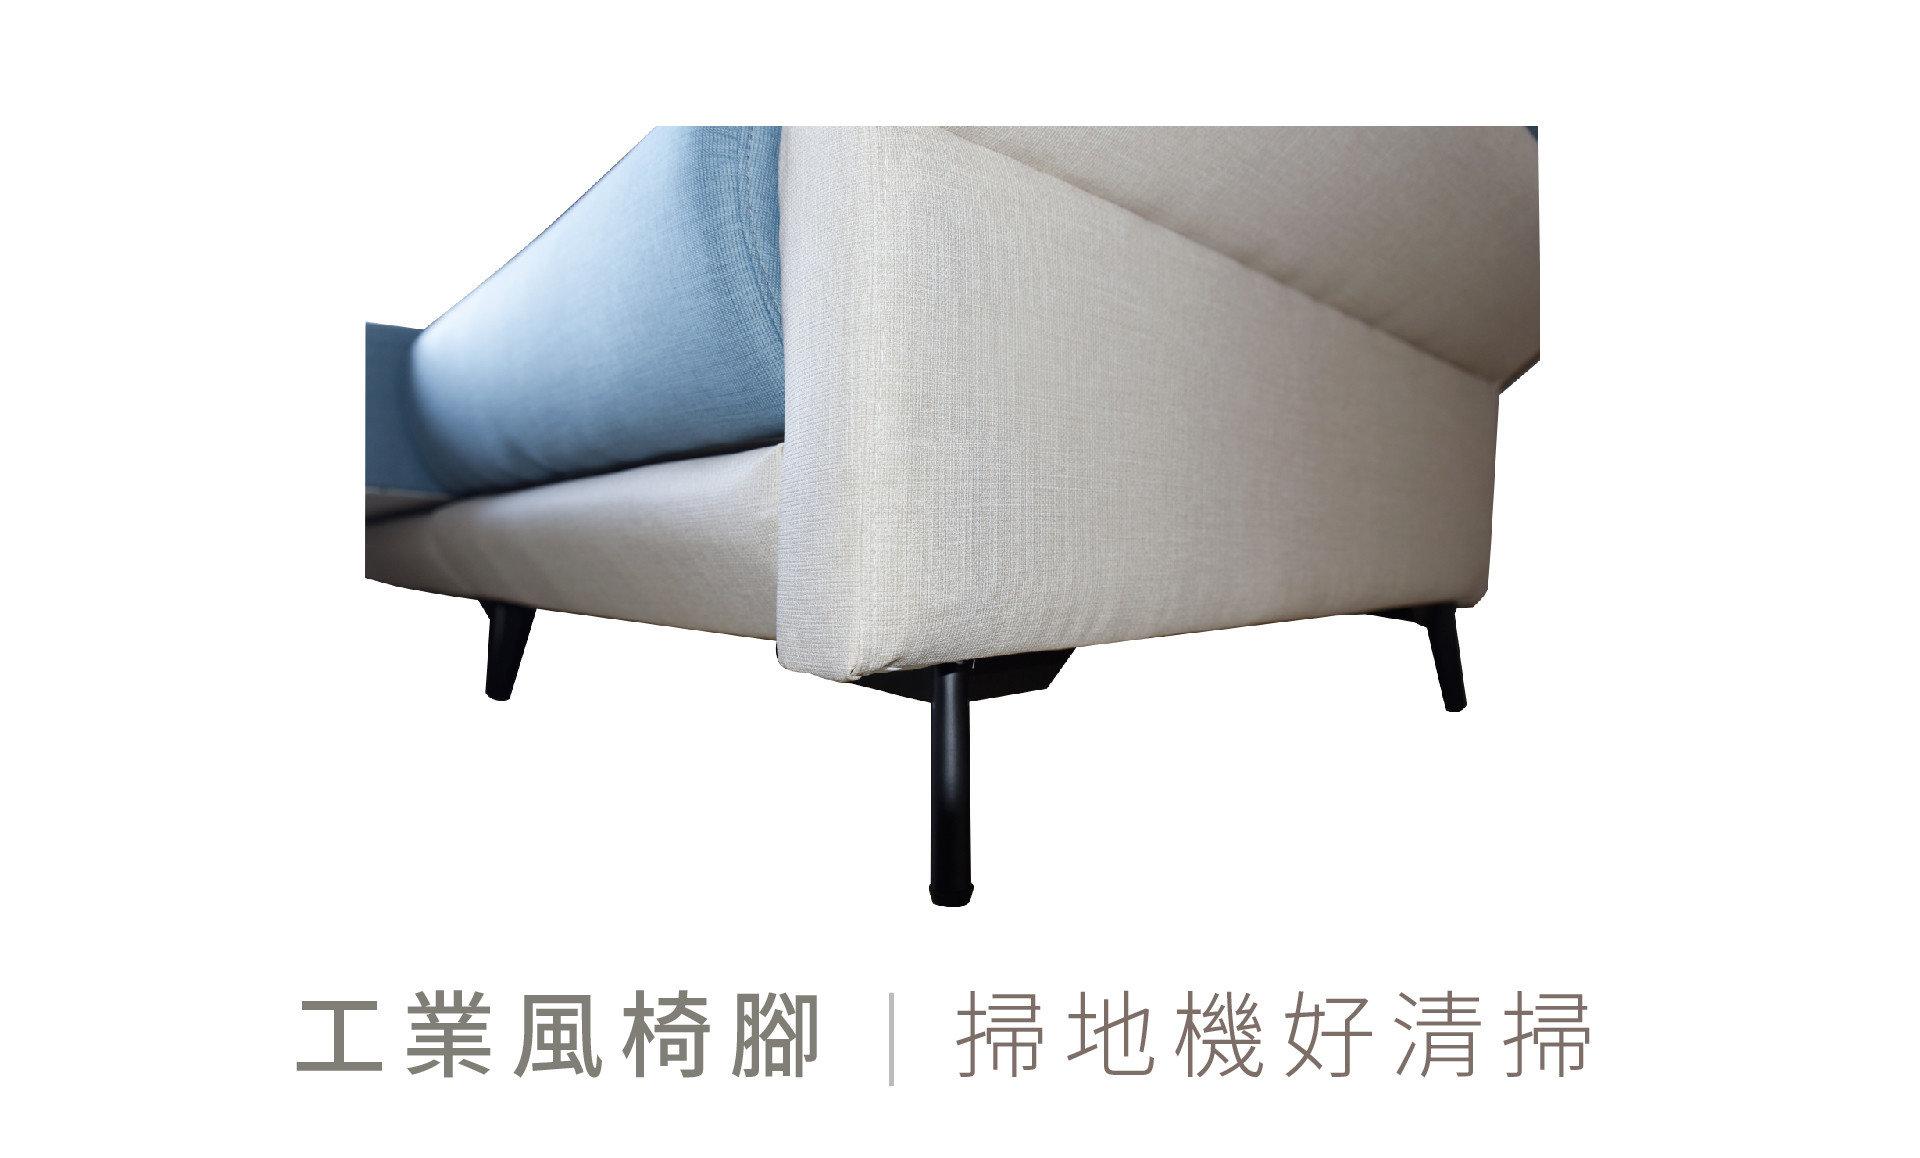 席琳沙發工業風椅腳設計,視覺上更俐落,清掃也更方便